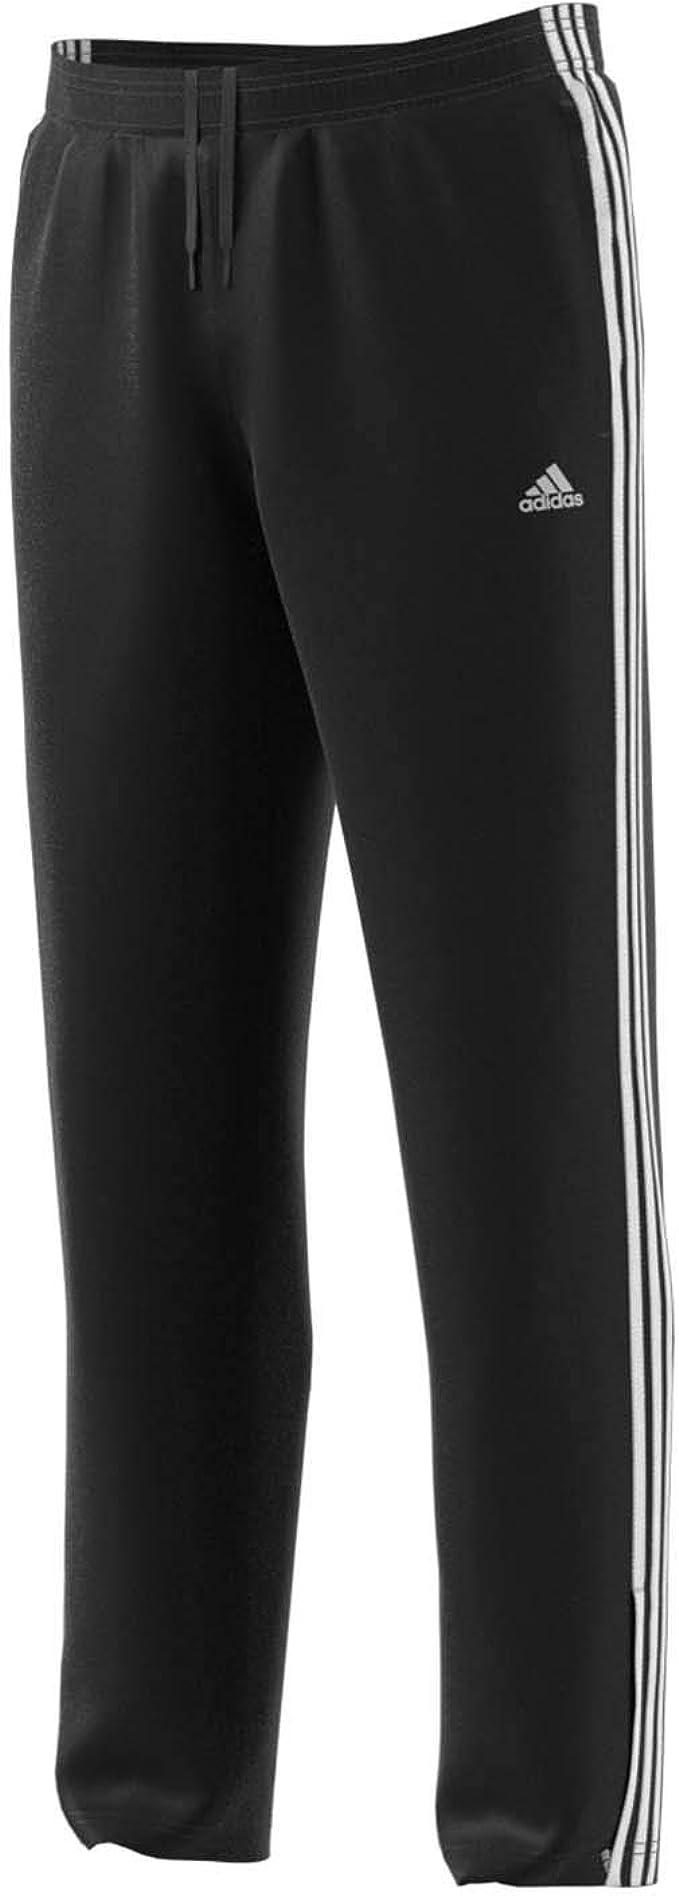 adidas Essentials 34 Pant Damen black kaufen im Sport